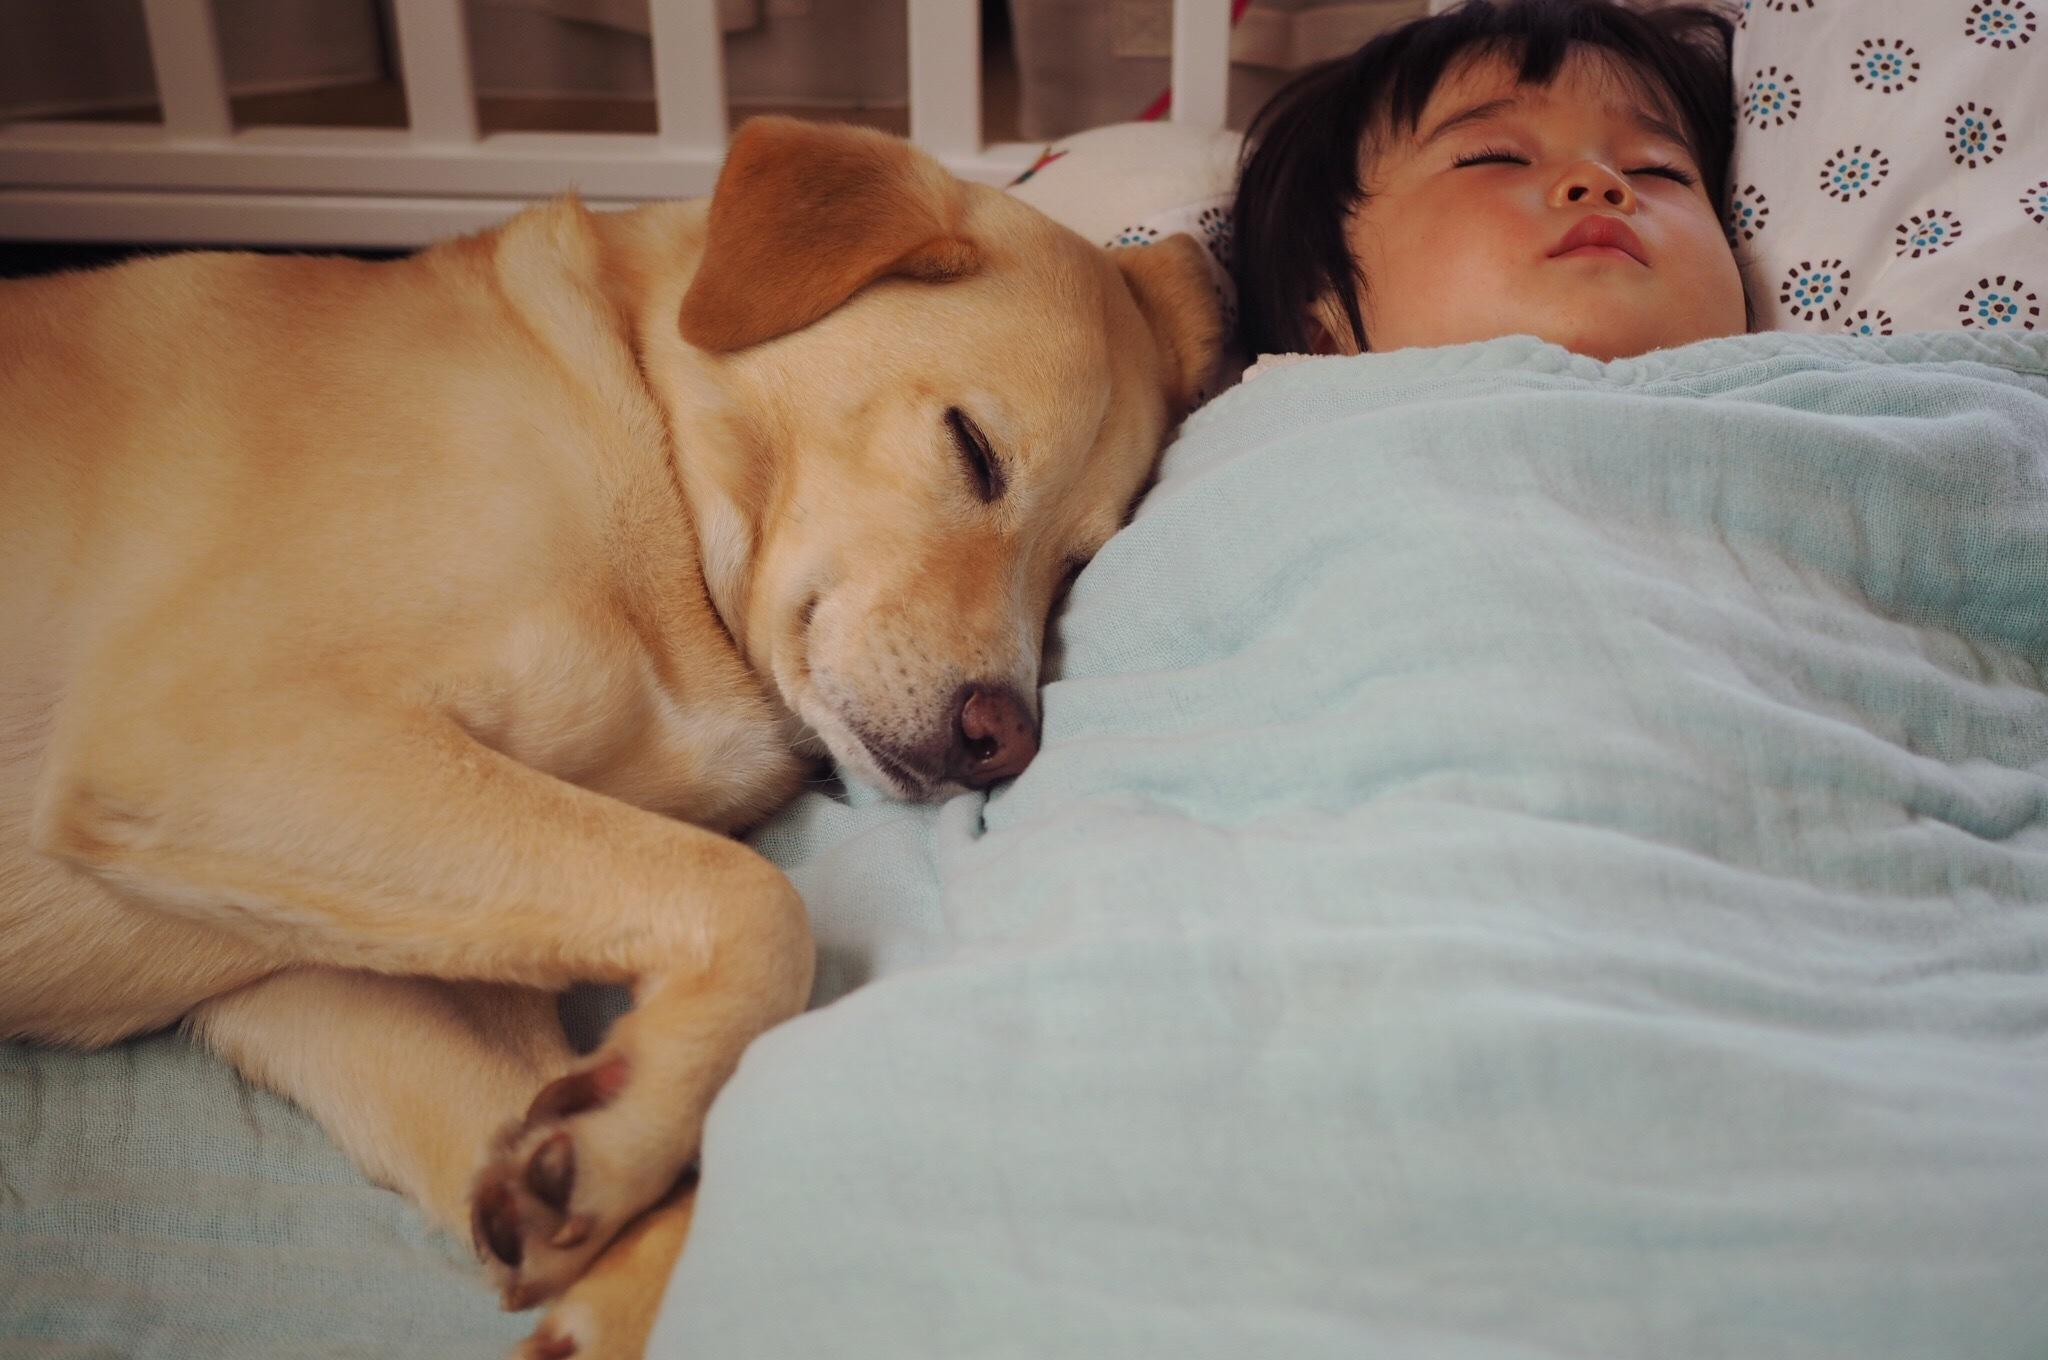 赤ちゃんと犬 赤ちゃんと大型犬 仲良し 子供と犬 子供と大型犬